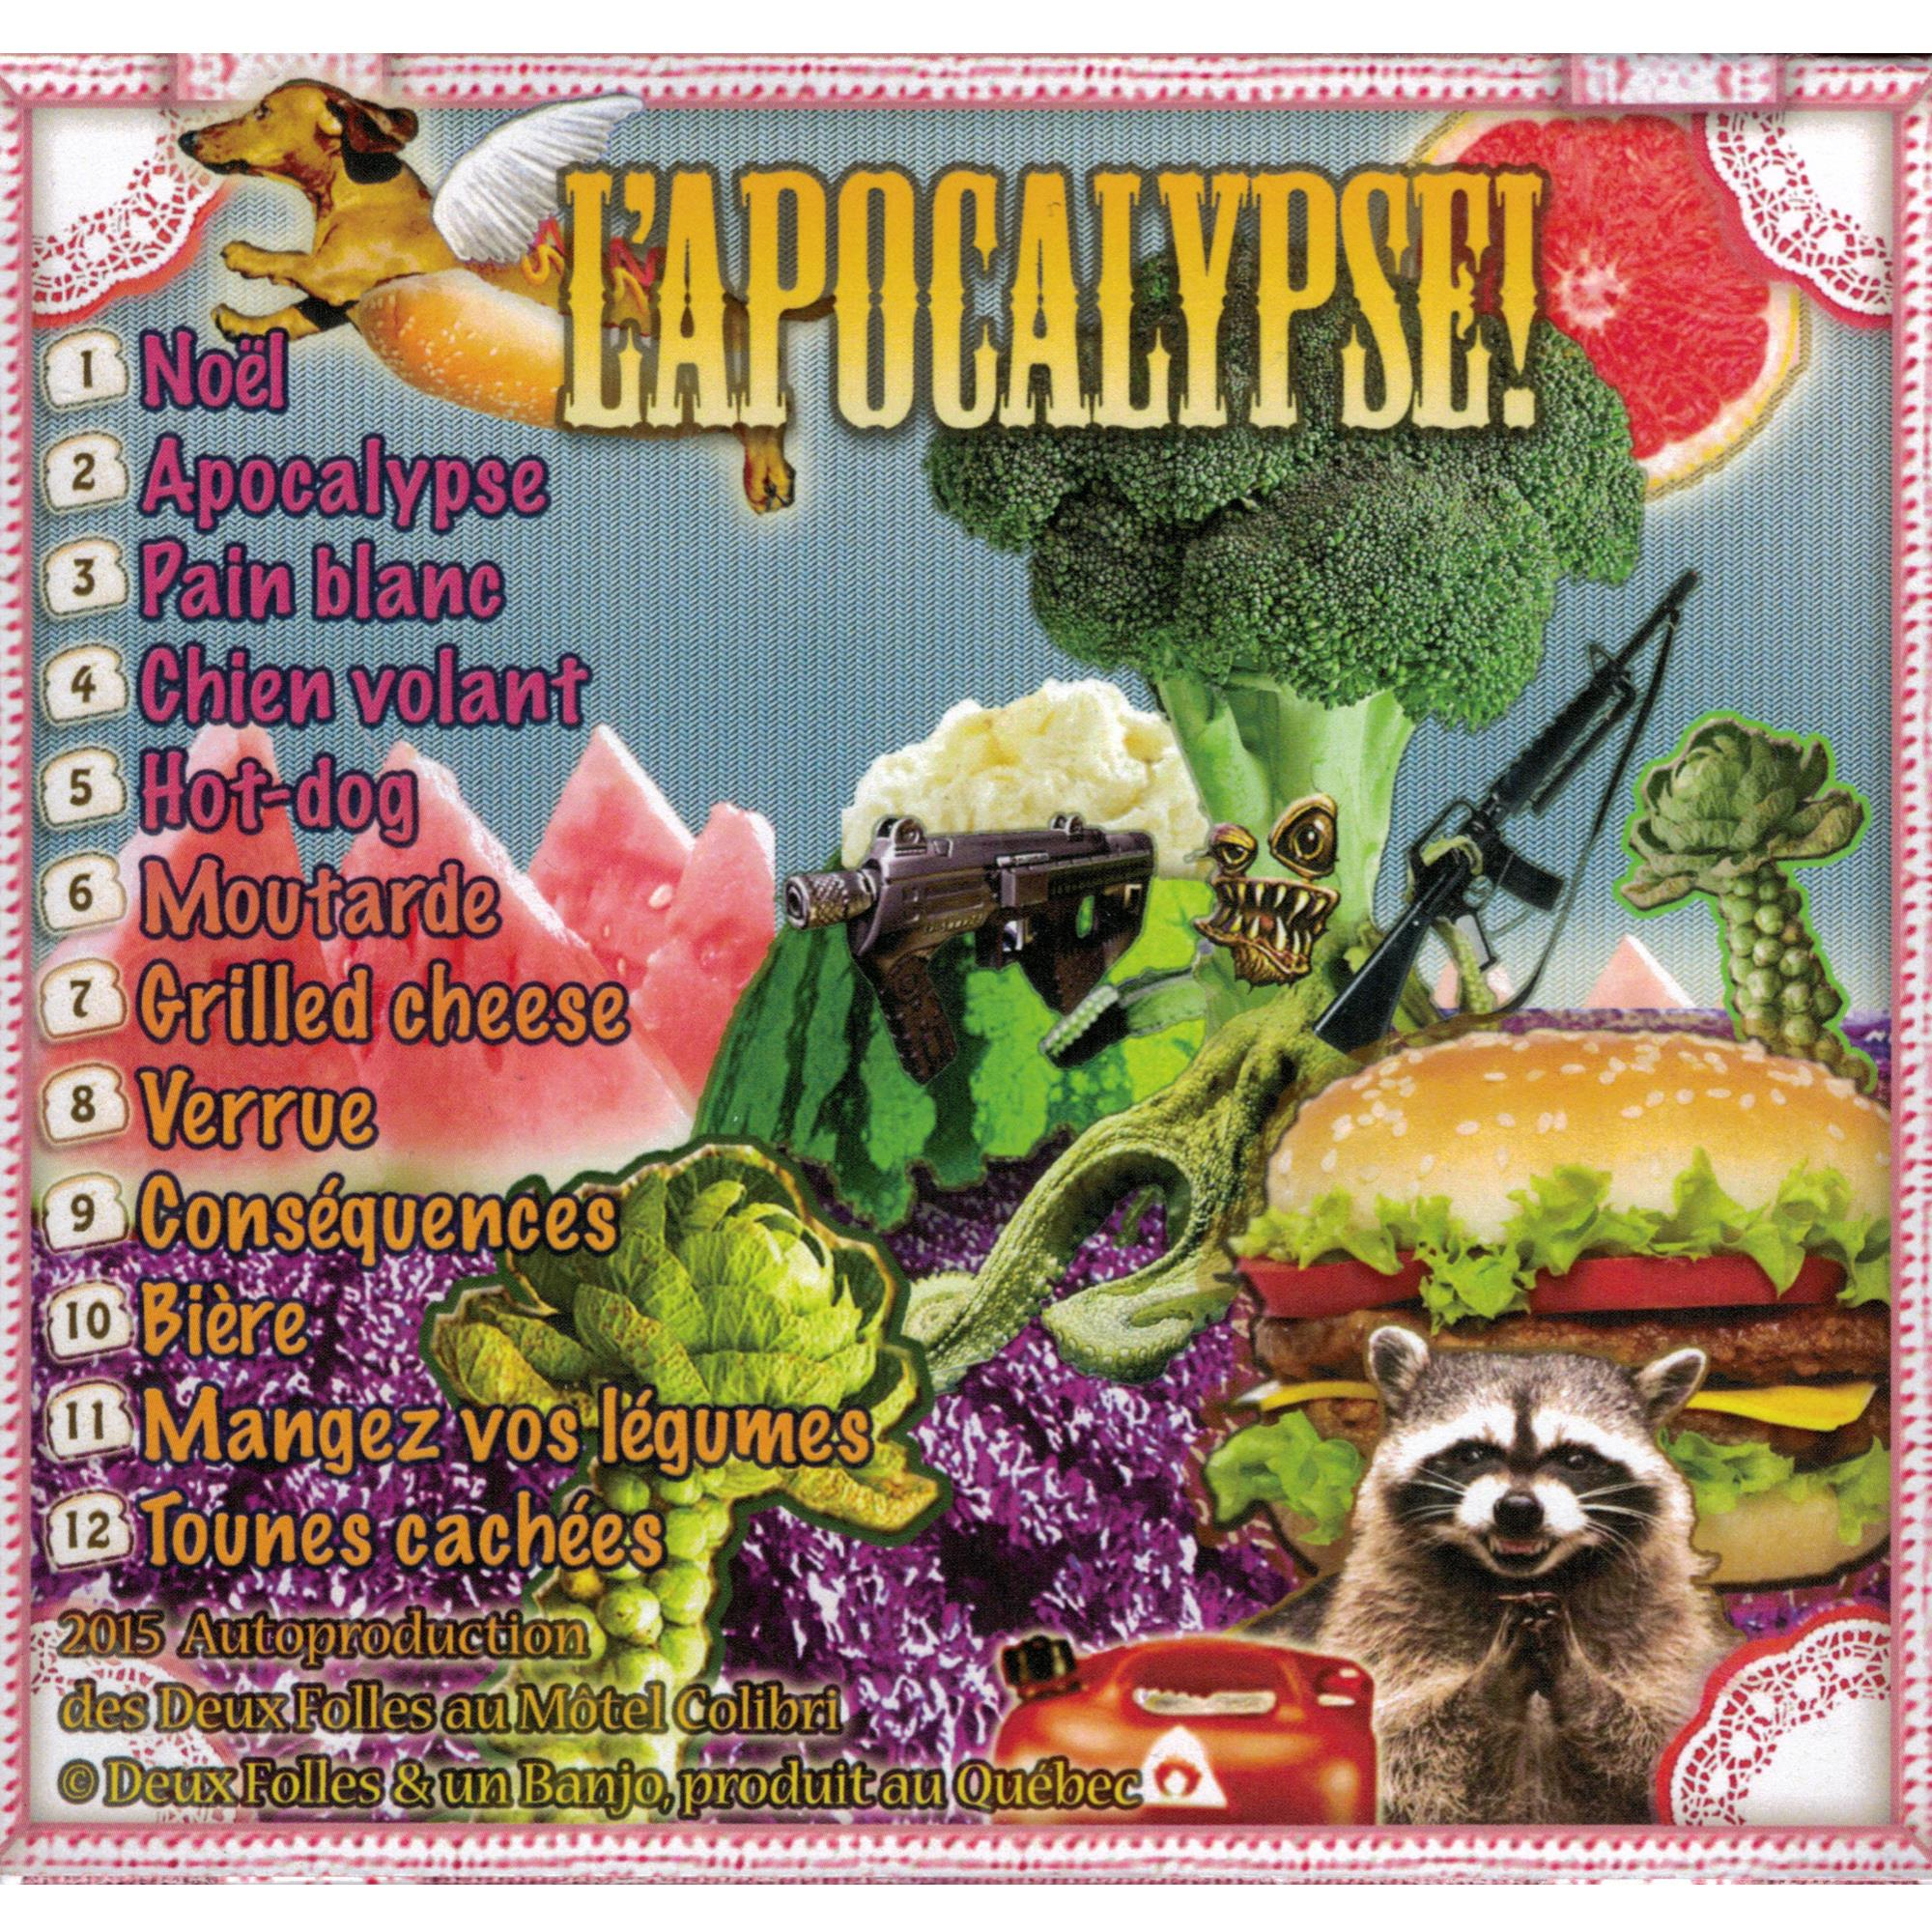 L'Apocalypse CD